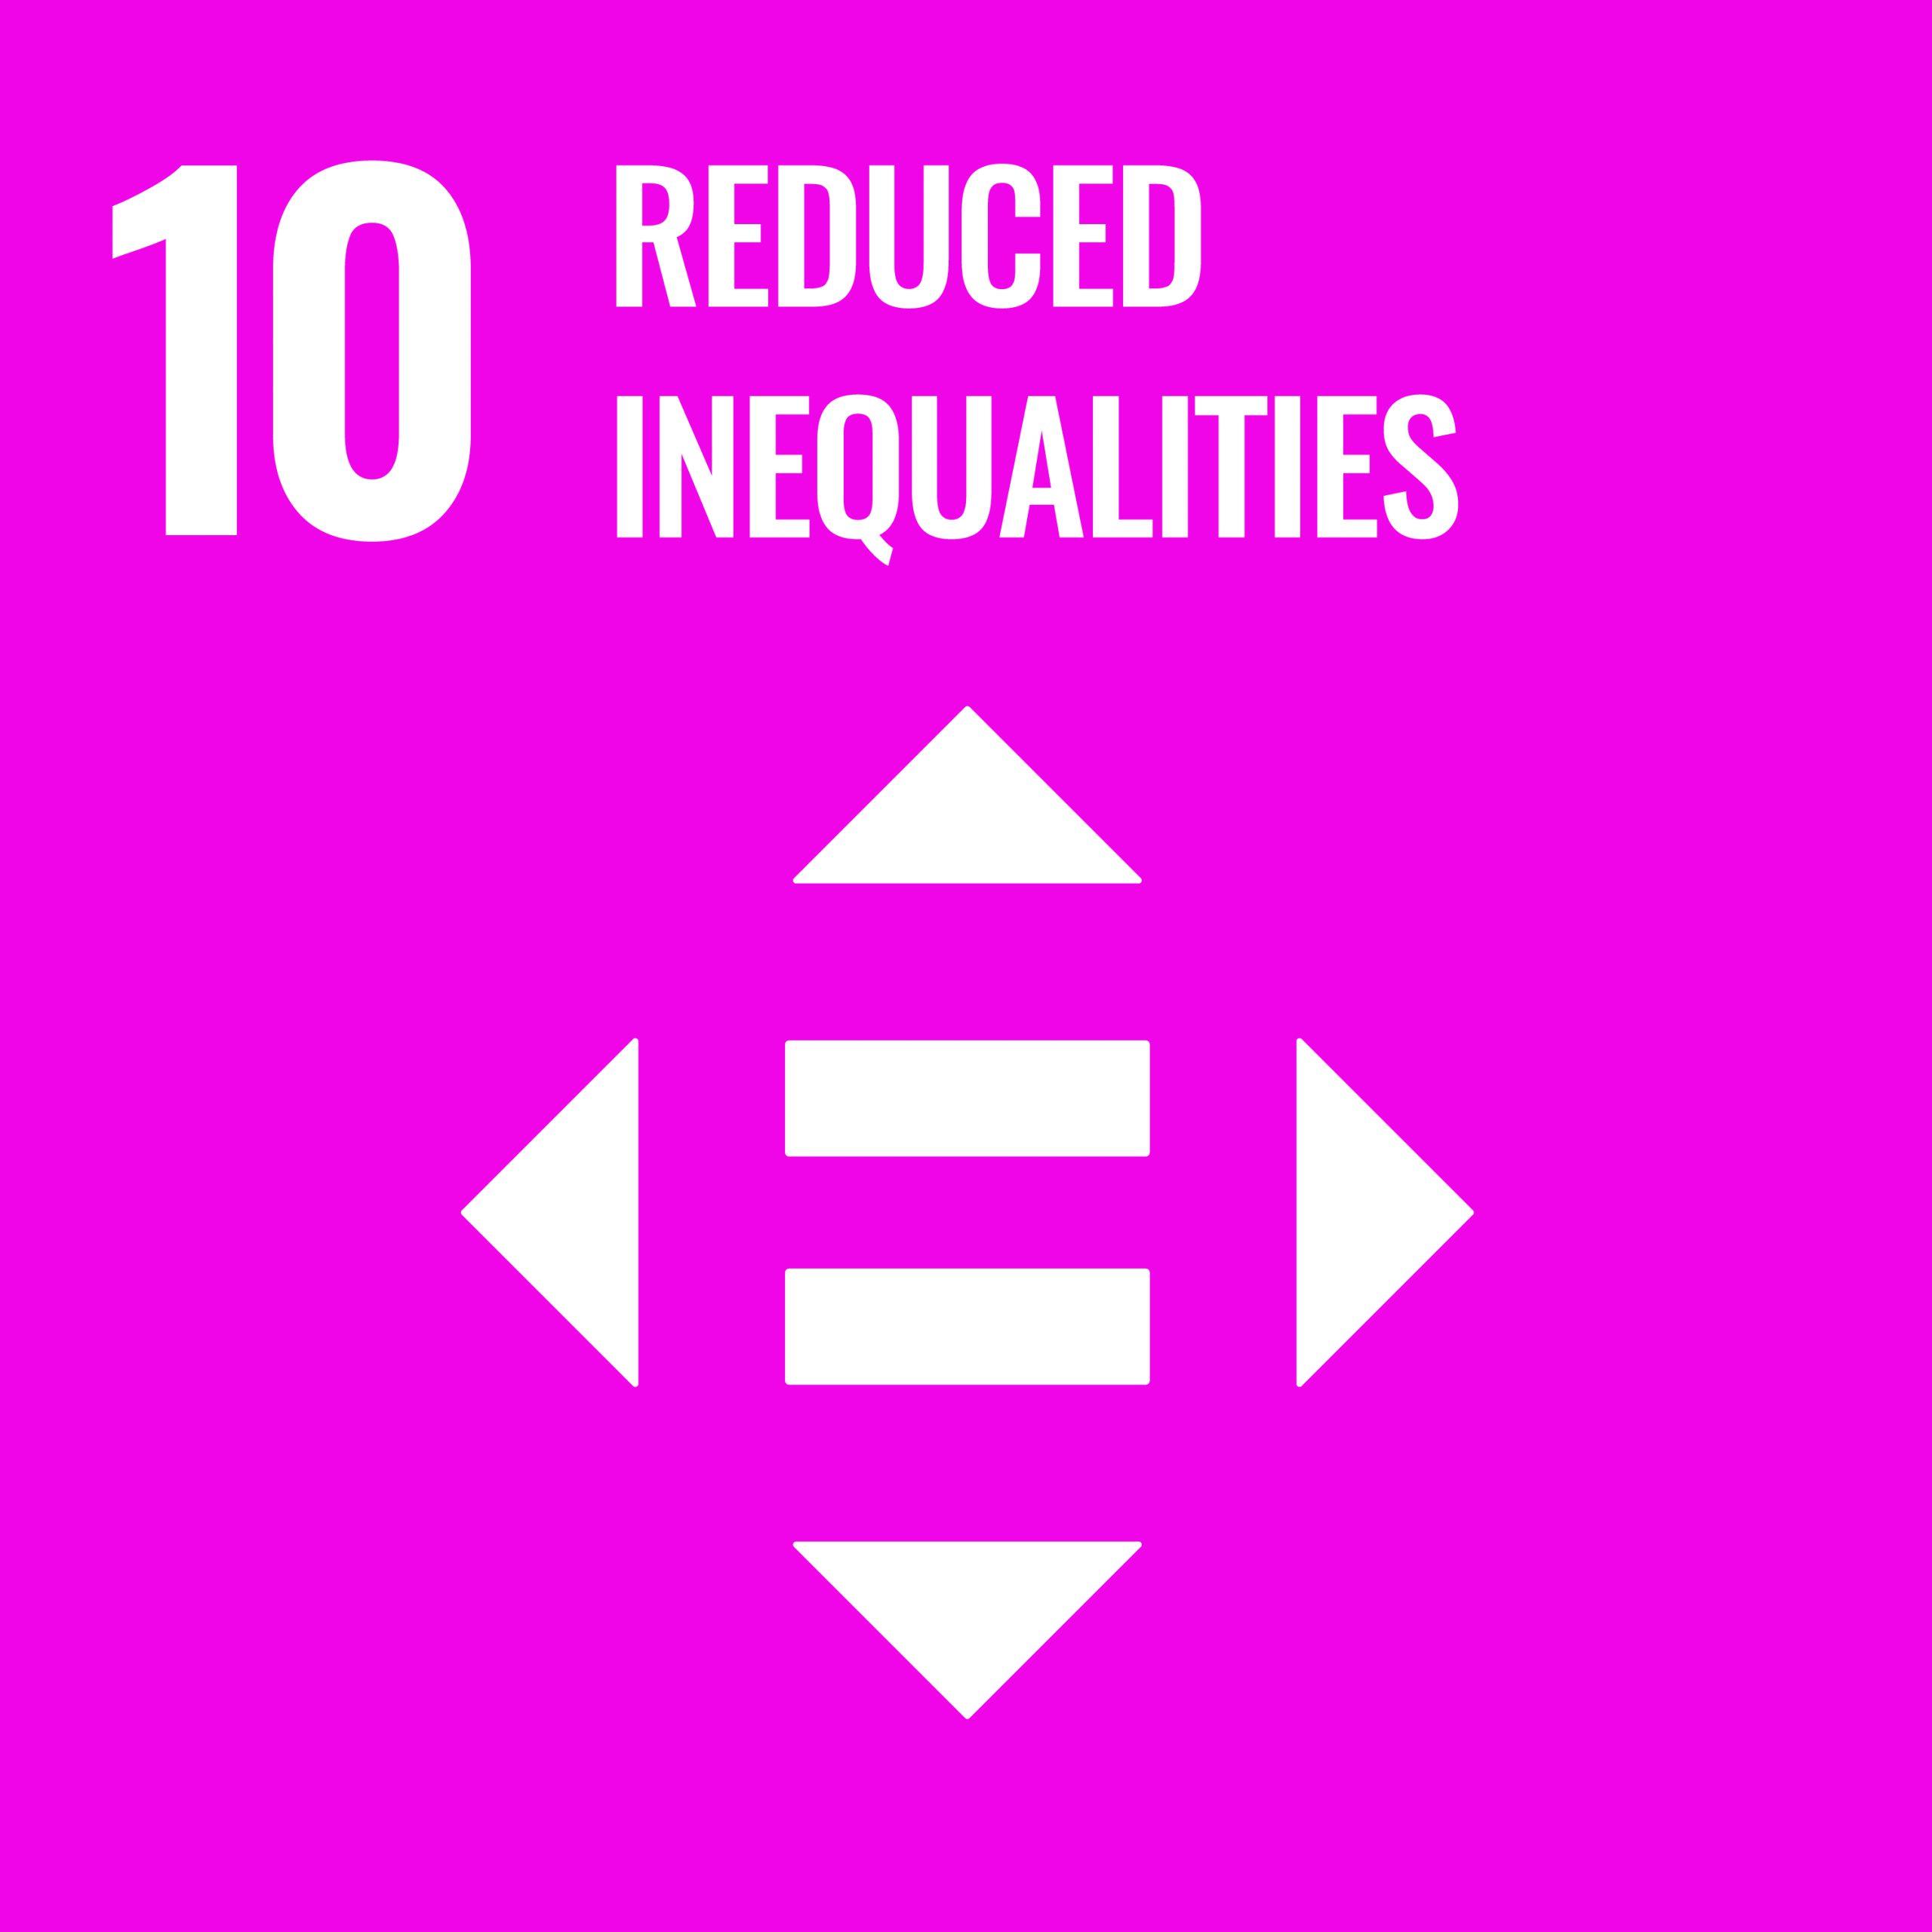 Reduced Inequalitites - SDG 10